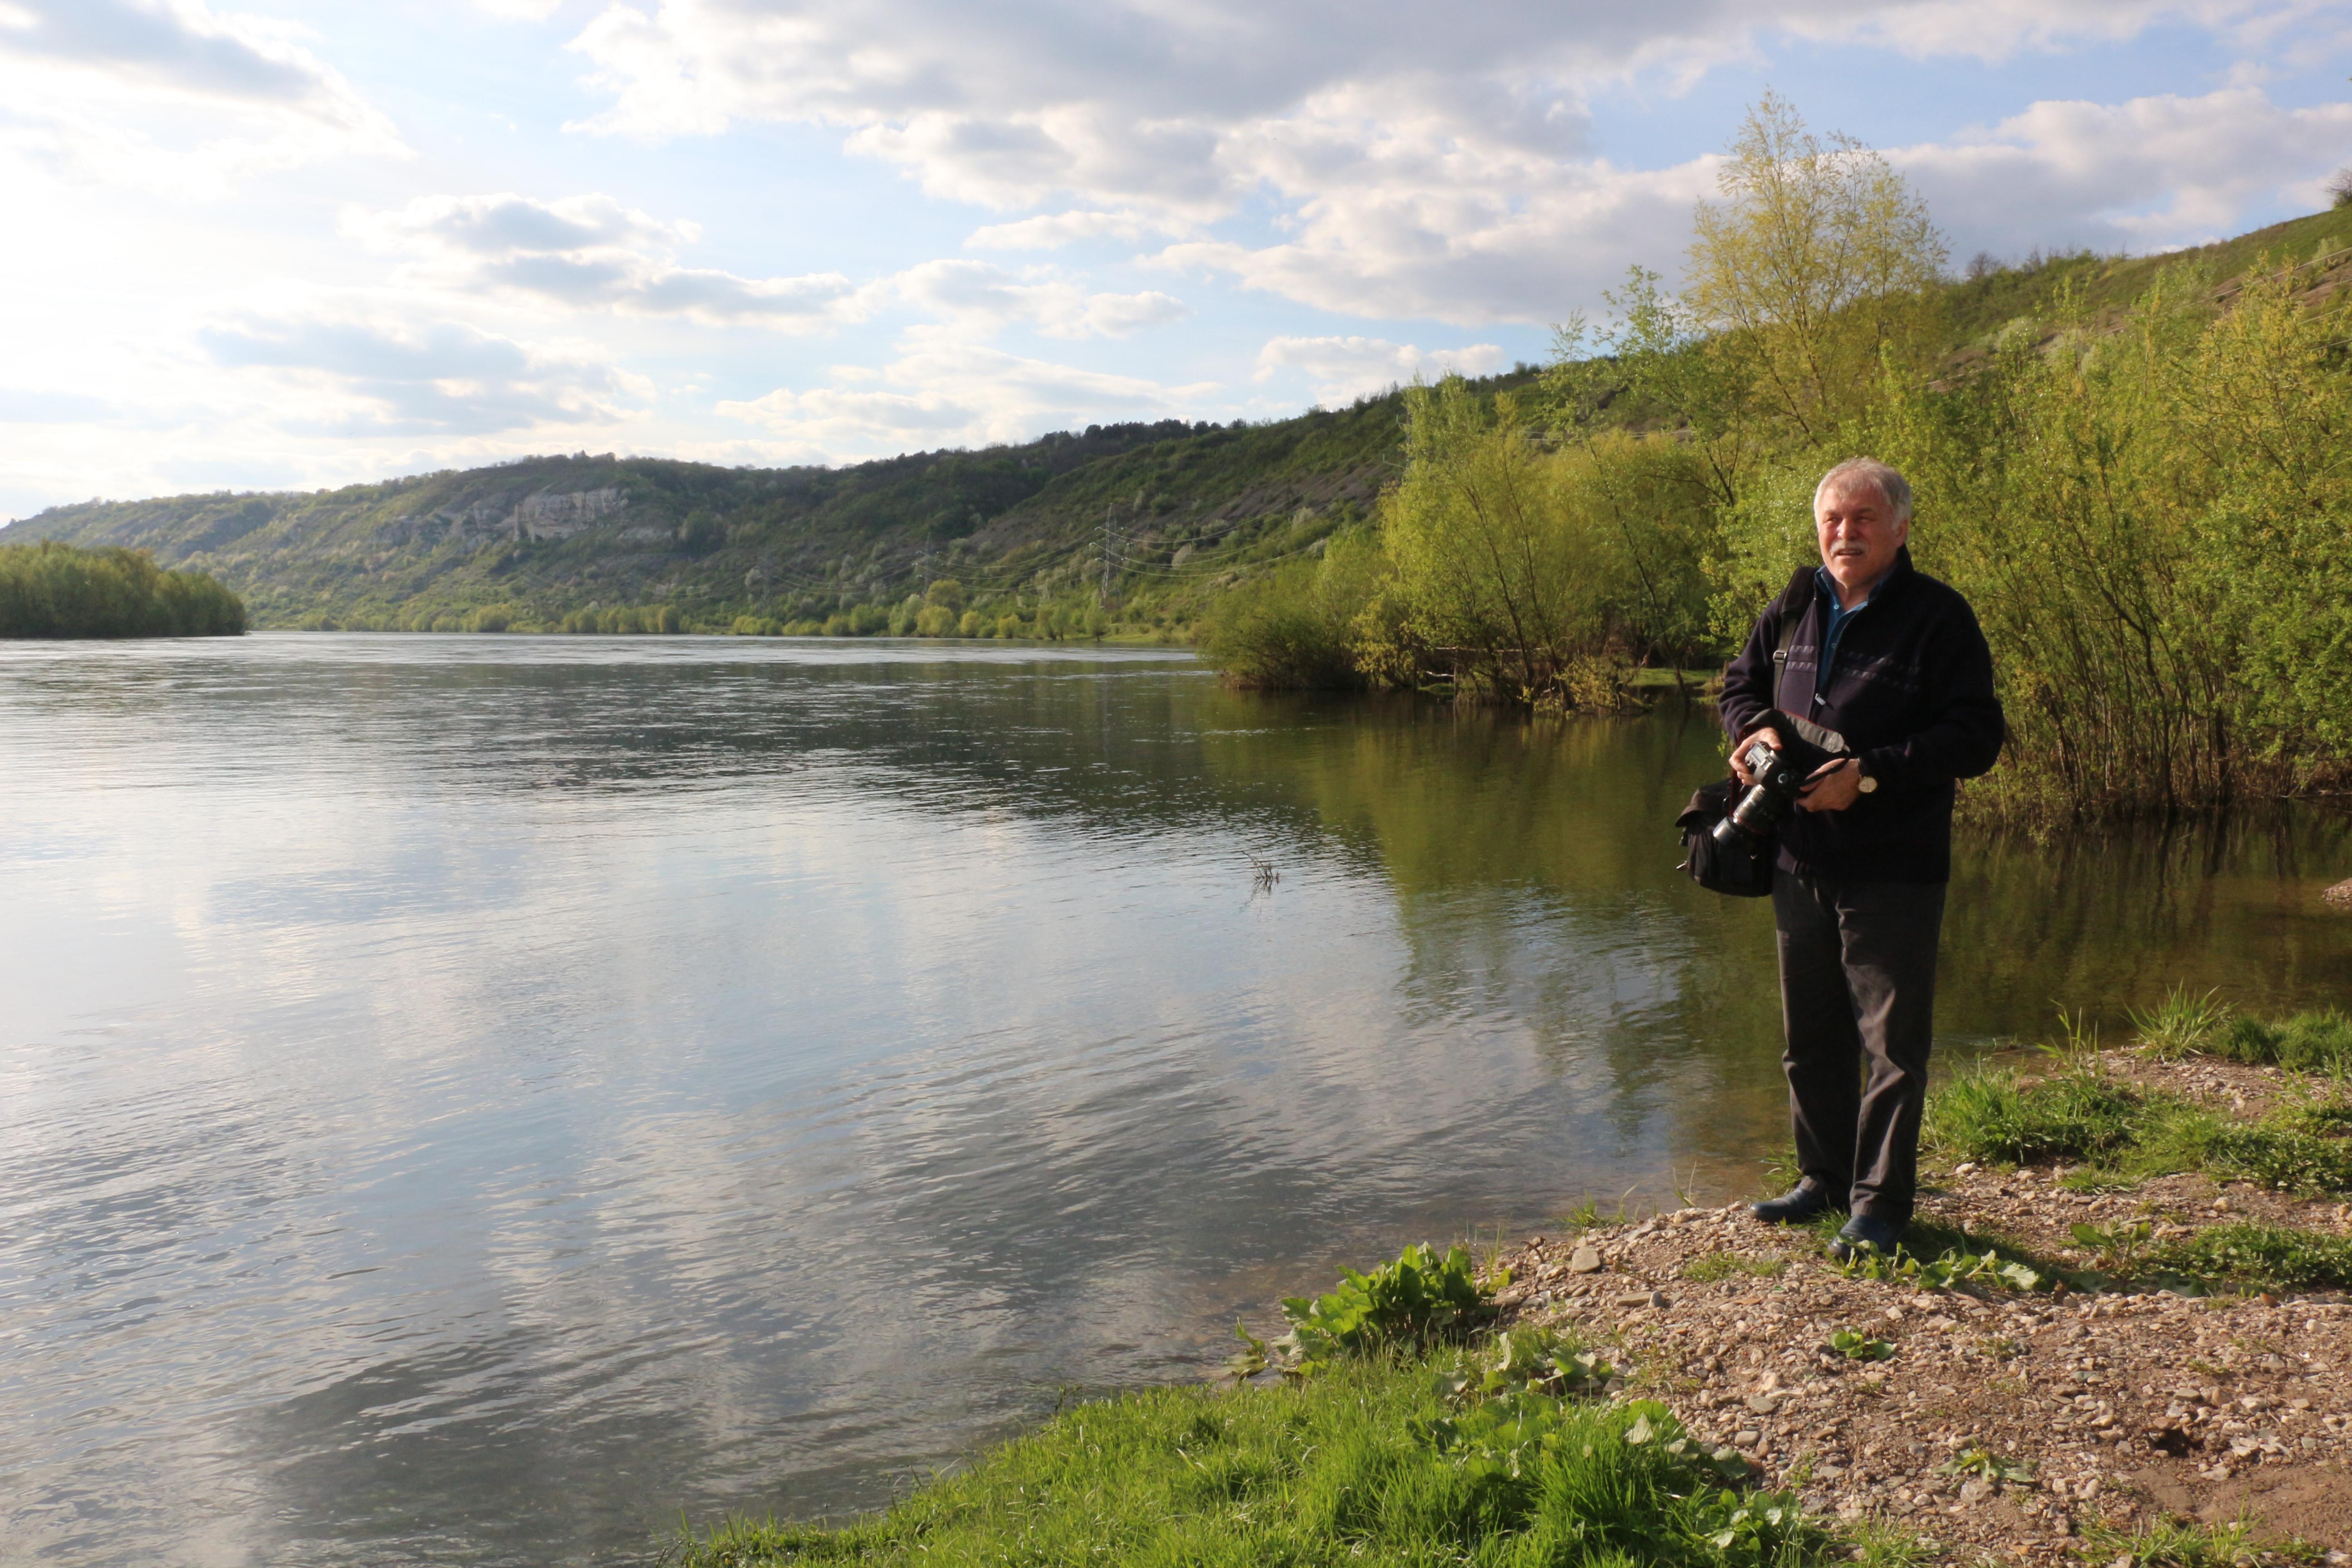 Ecologistul Alecu Reniță, pe malul Nistrului, la Leadova, Ucraina, în timpul viiturii de primăvară 2018 Foto: Lilia Curchi